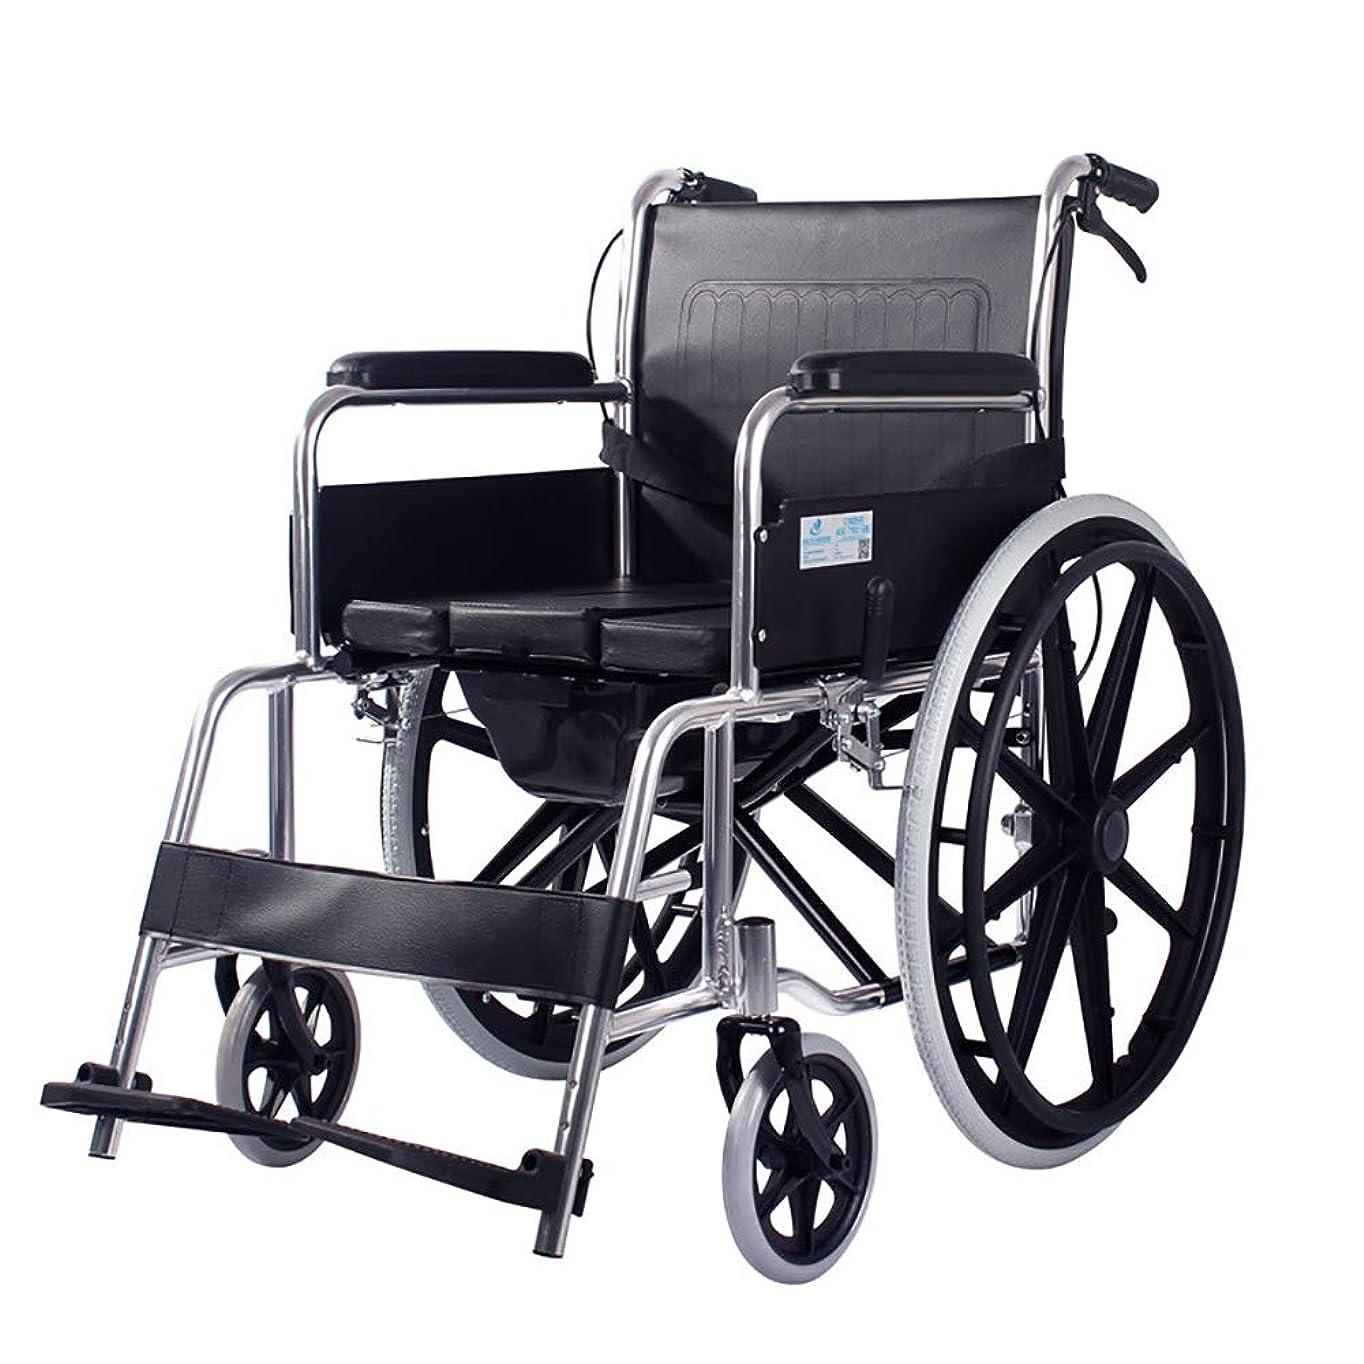 喉頭視線三十TLMY 車椅子旅行チェア高齢者障害者アルミニウム手動席車椅子軽量輸送折りたたみポータブル 歩行補助器具